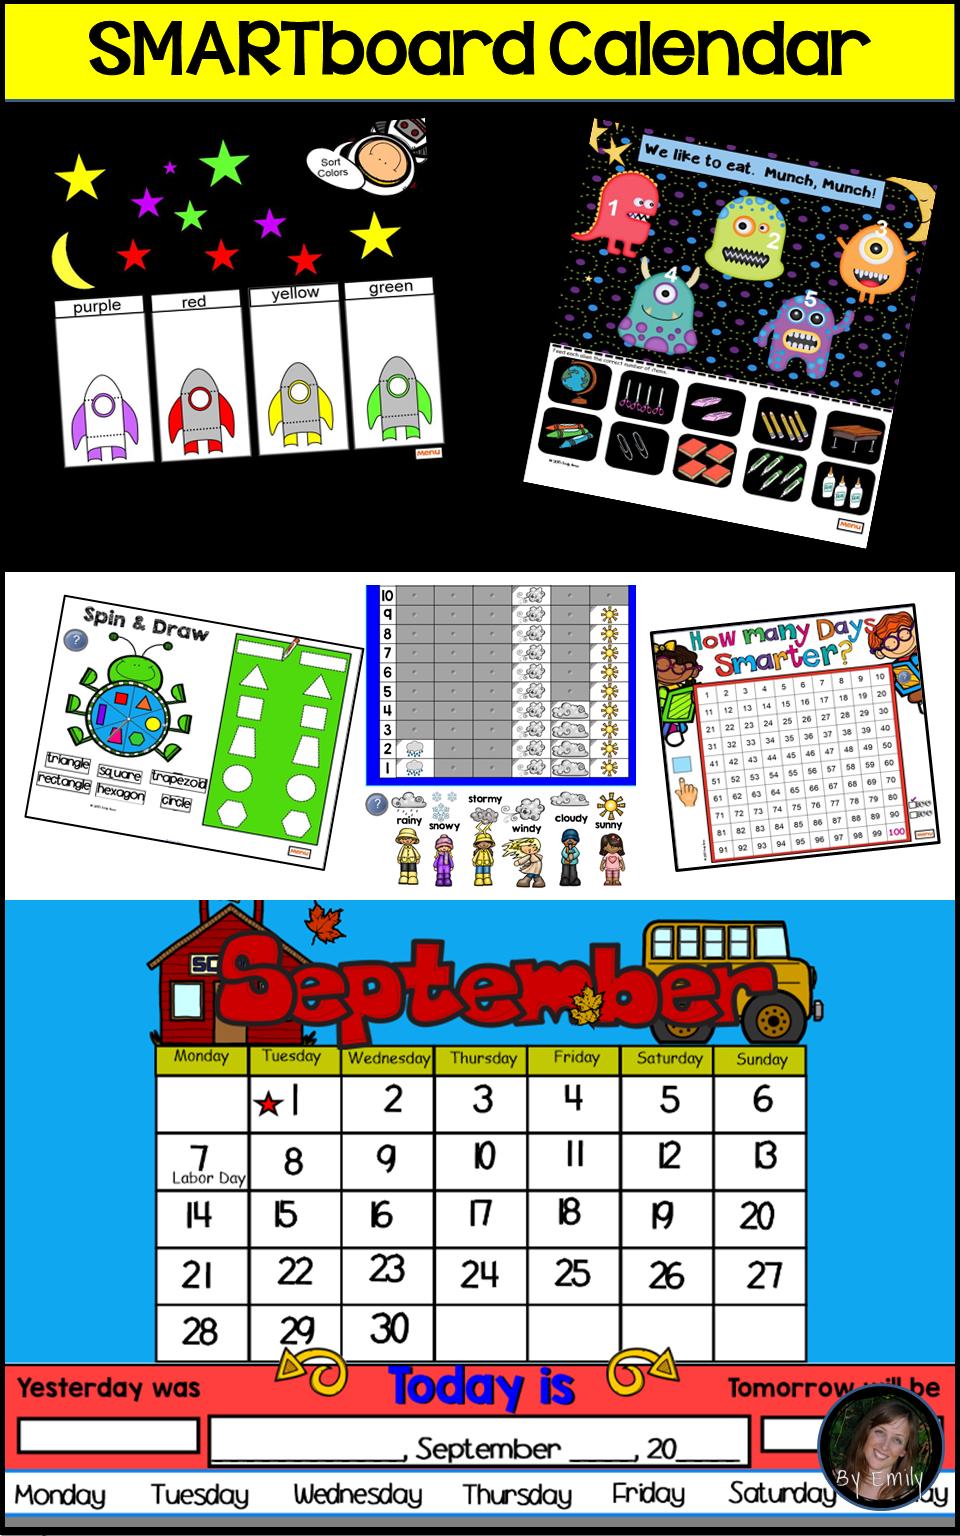 cb8509dc4a9126082b8ab79daceff837 - Smartboard Games For Kindergarten